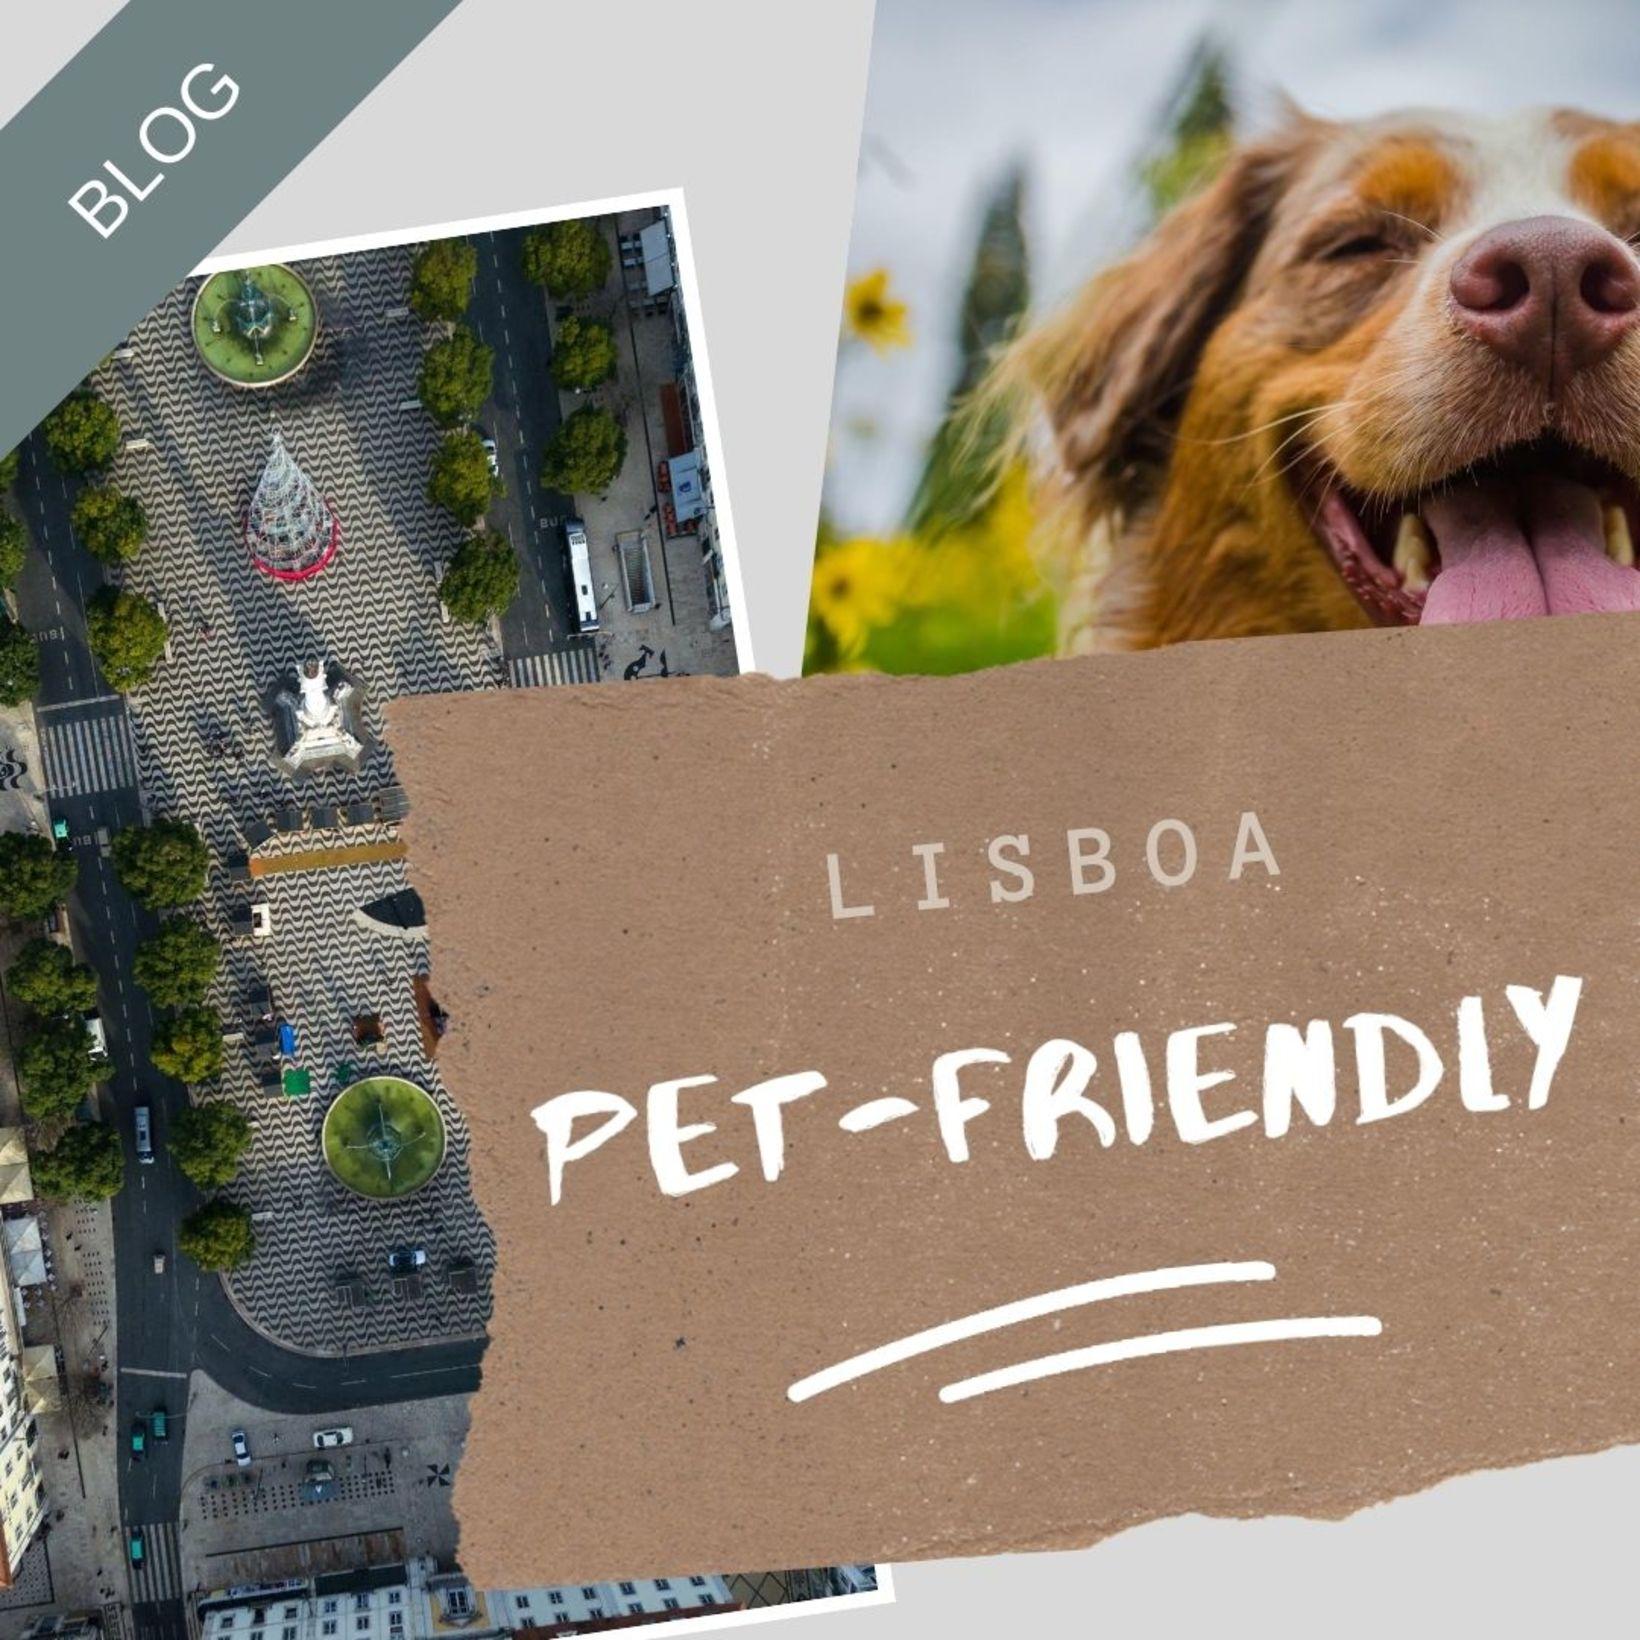 Os sítios petfriendly de Lisboa